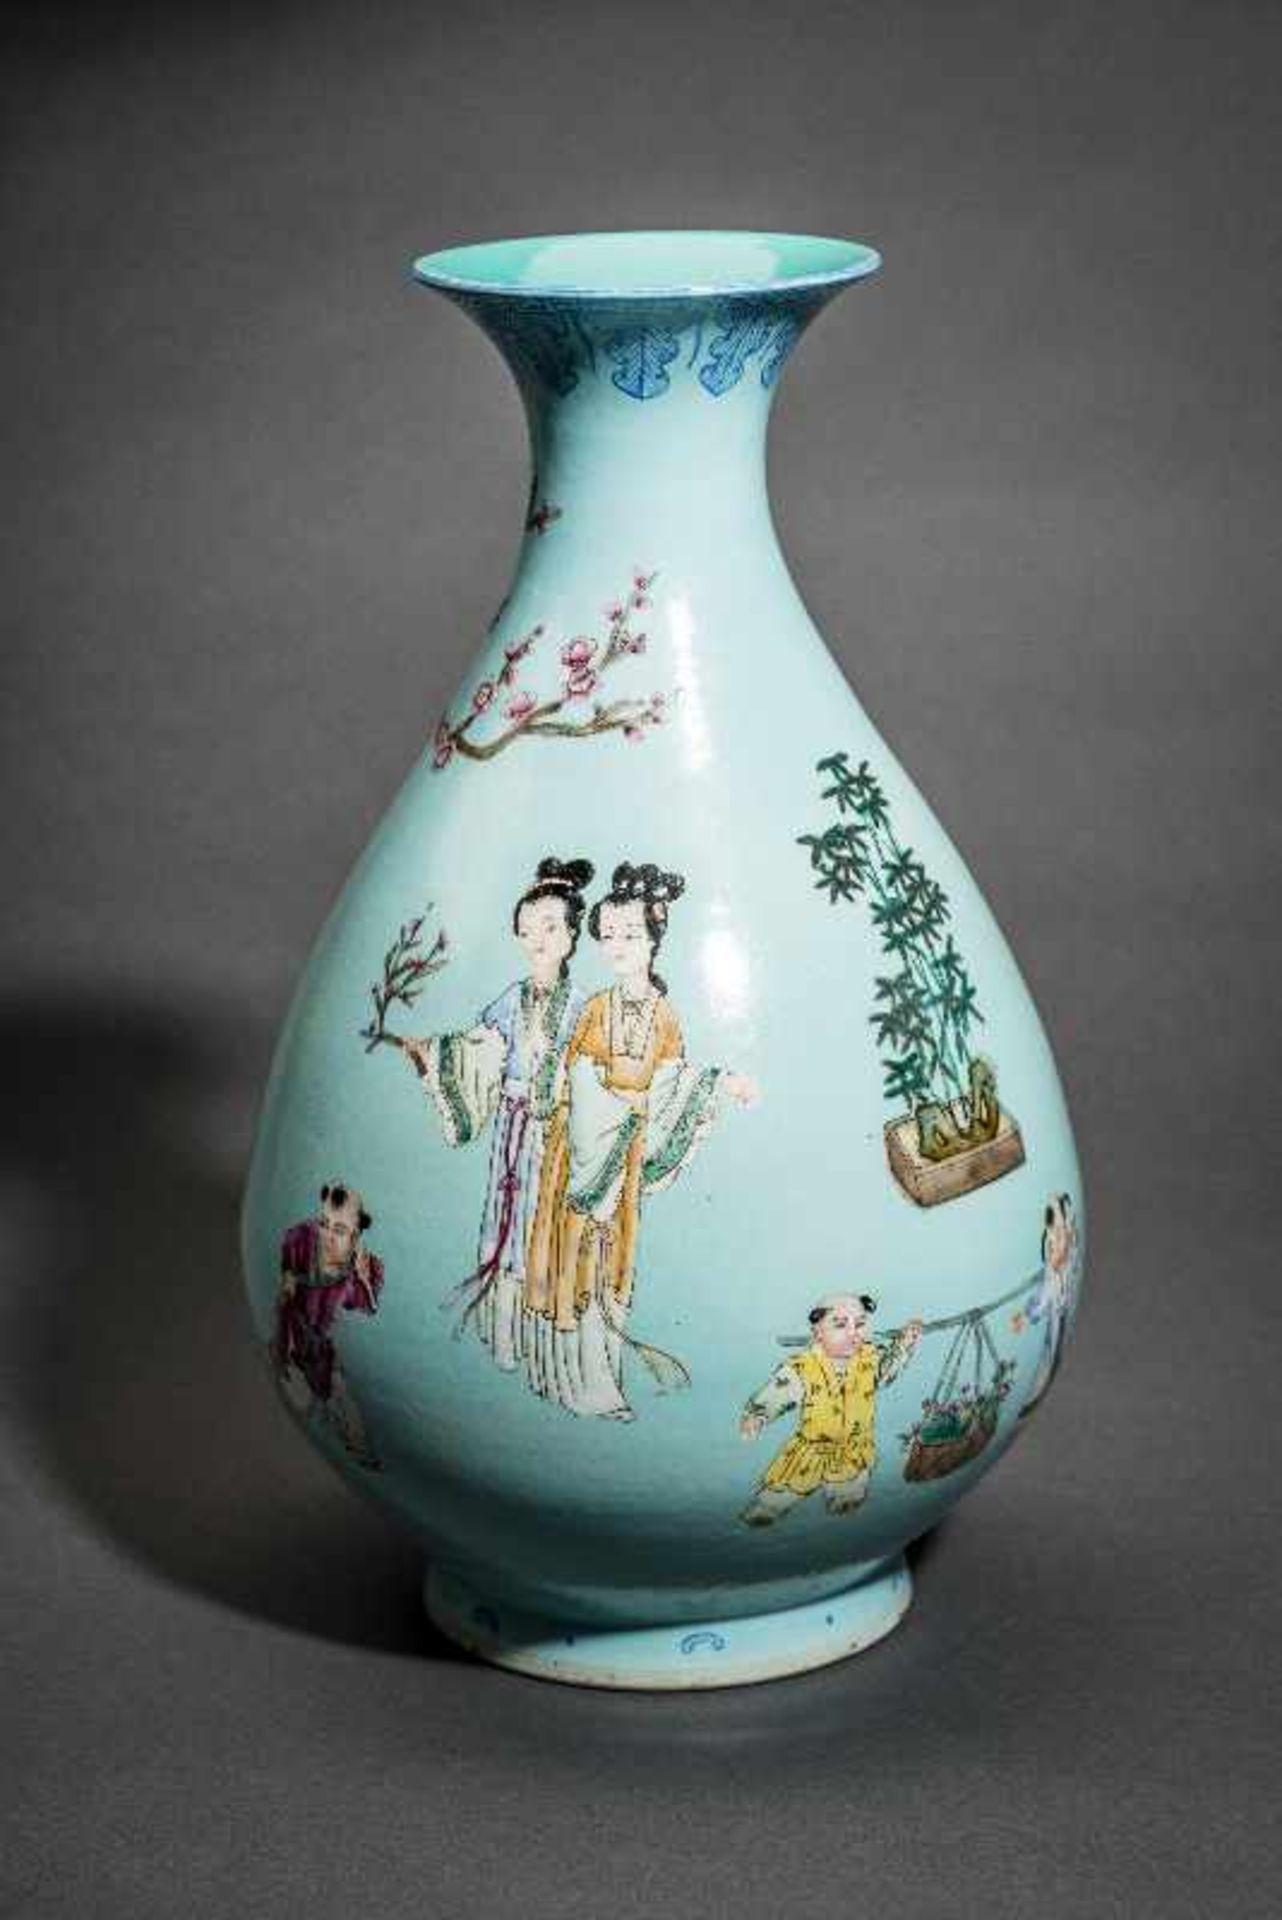 GROSSE VASE MIT SPIELENDEN KNABEN Porzellan mit Emailfarben. China, Auf türkis-blaugrünem Grund sind - Image 2 of 4